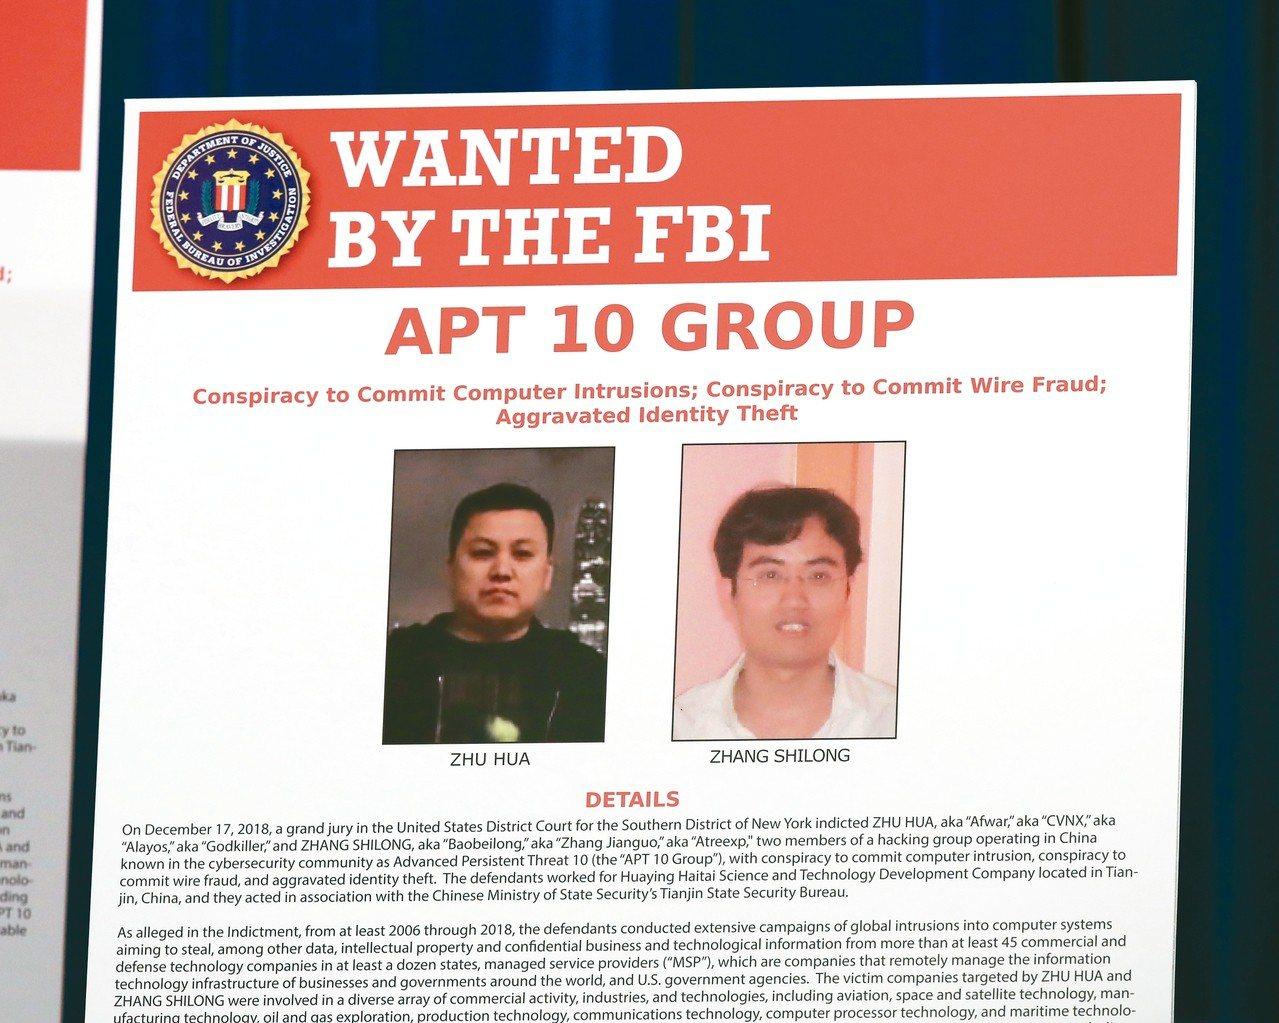 美國司法部起訴與大陸國家安全部有關的二名駭客朱華(左)、張石龍(右),指控兩人涉...